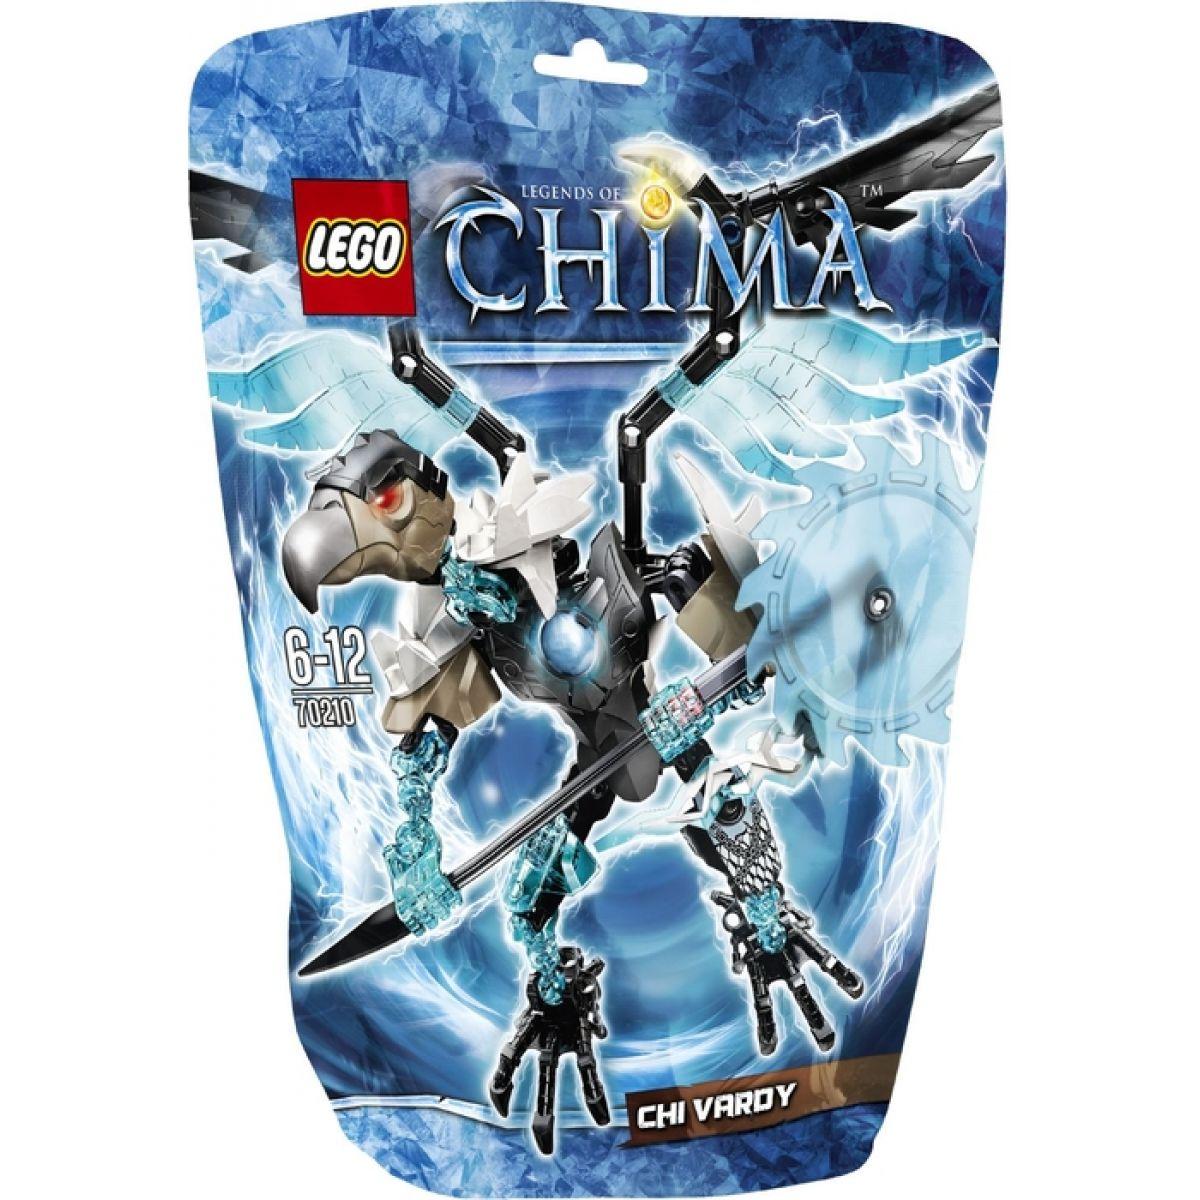 LEGO CHIMA - akční figurky 70210 - CHI Vardy